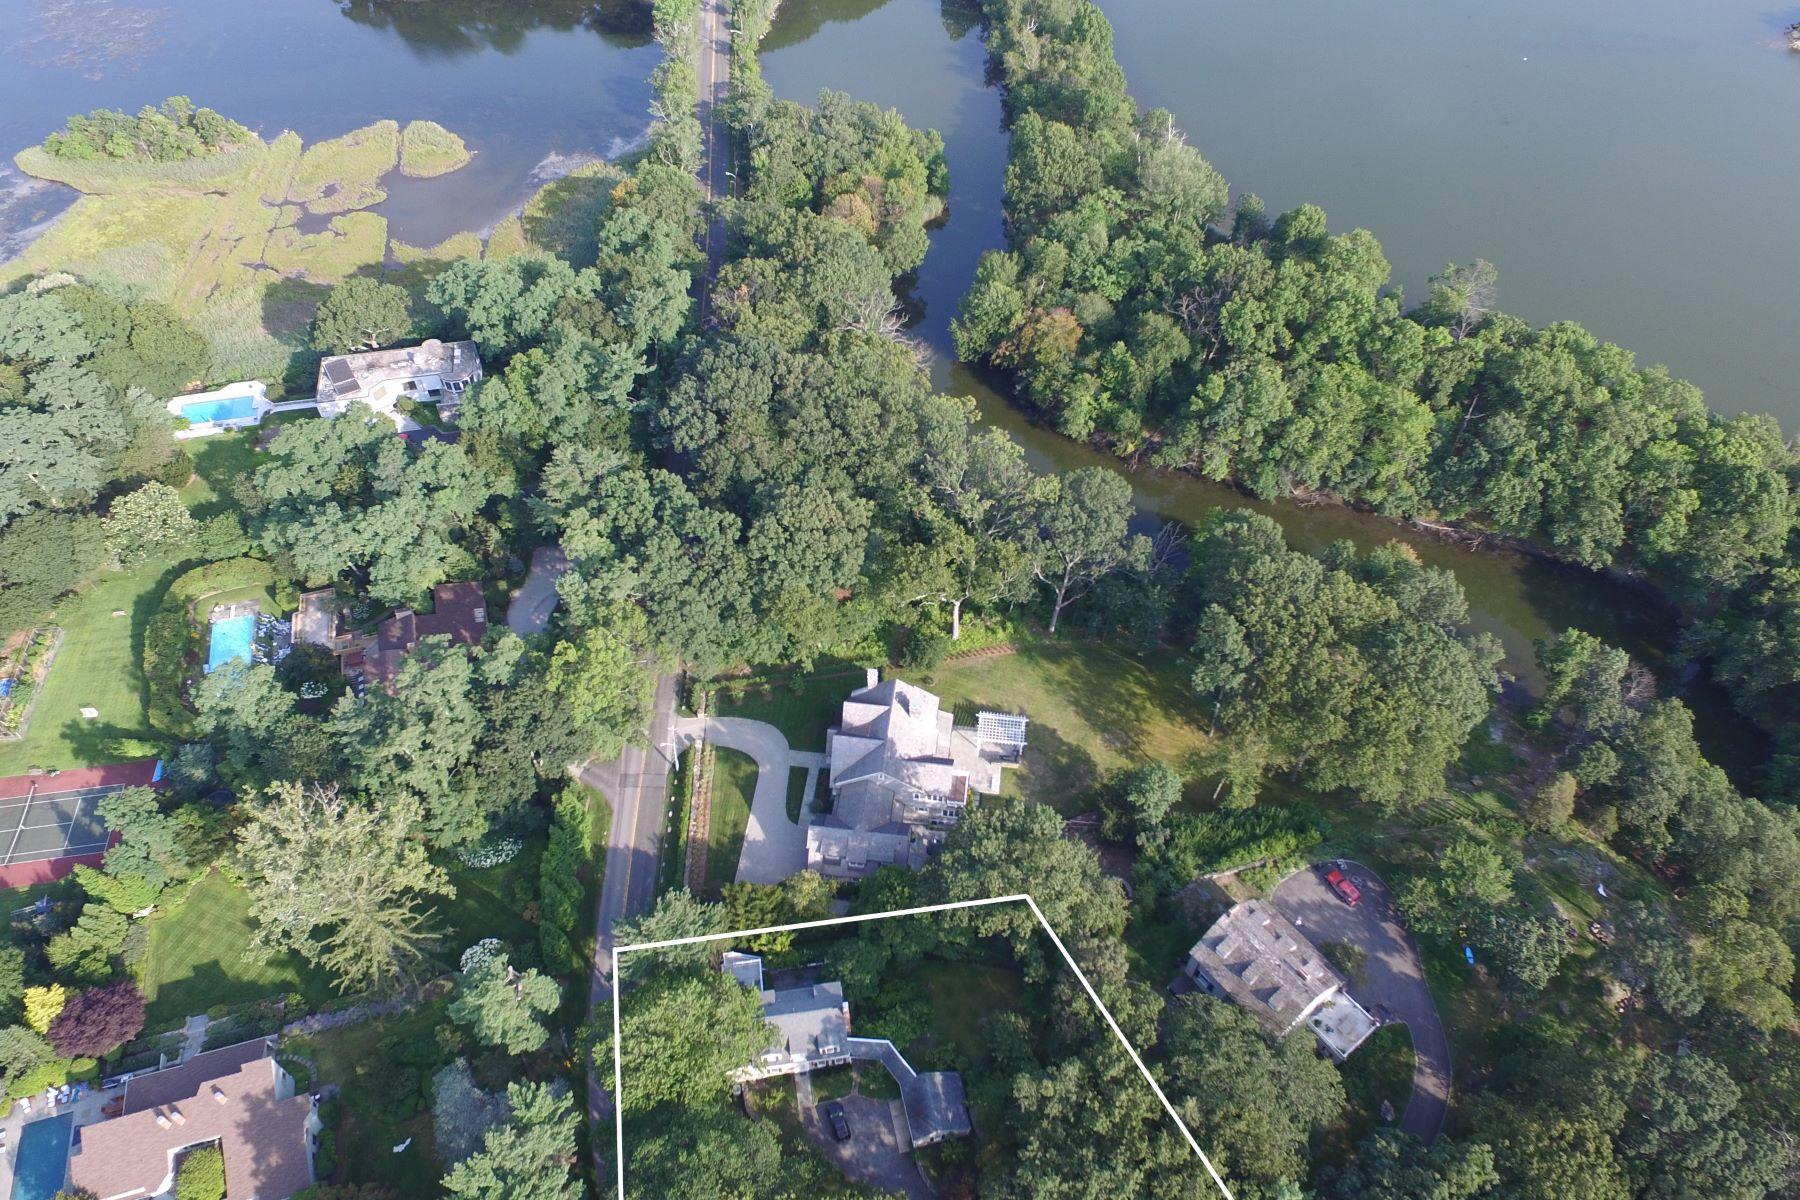 独户住宅 为 销售 在 12 Manursing Way 拉伊, 纽约州, 10580 美国